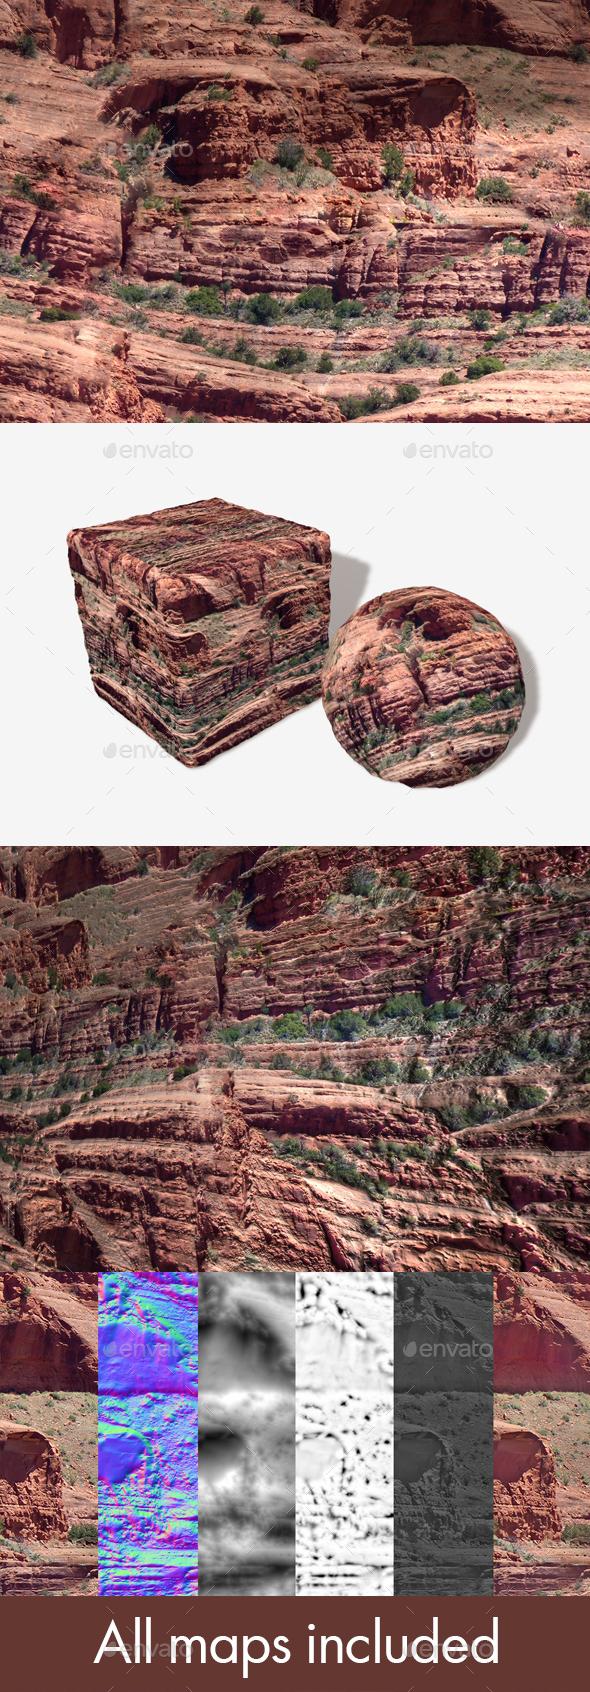 Red Rock Cliffs Seamless Texture